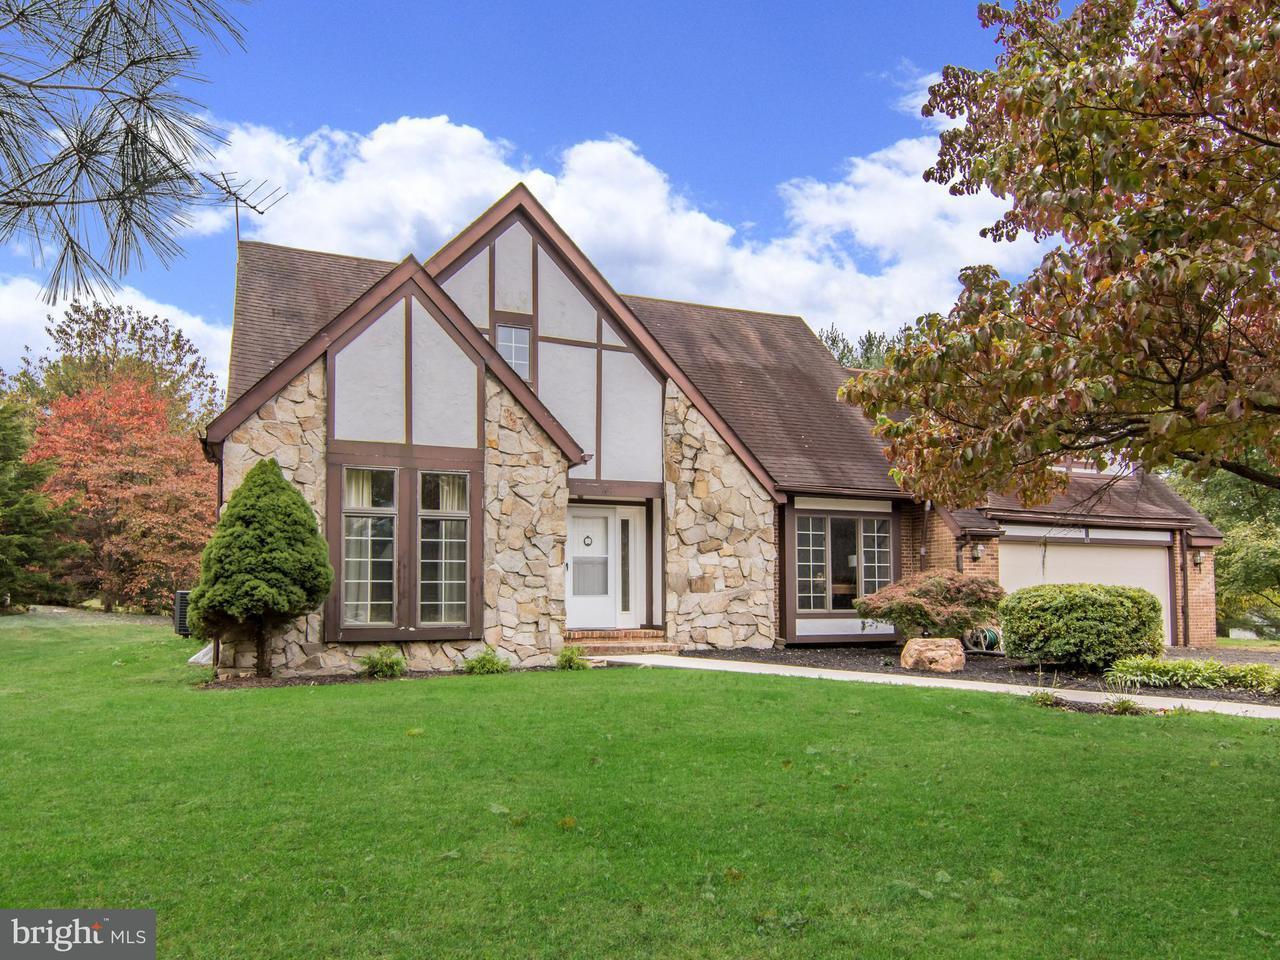 Casa Unifamiliar por un Venta en 651 PRIESTFORD Road 651 PRIESTFORD Road Churchville, Maryland 21028 Estados Unidos